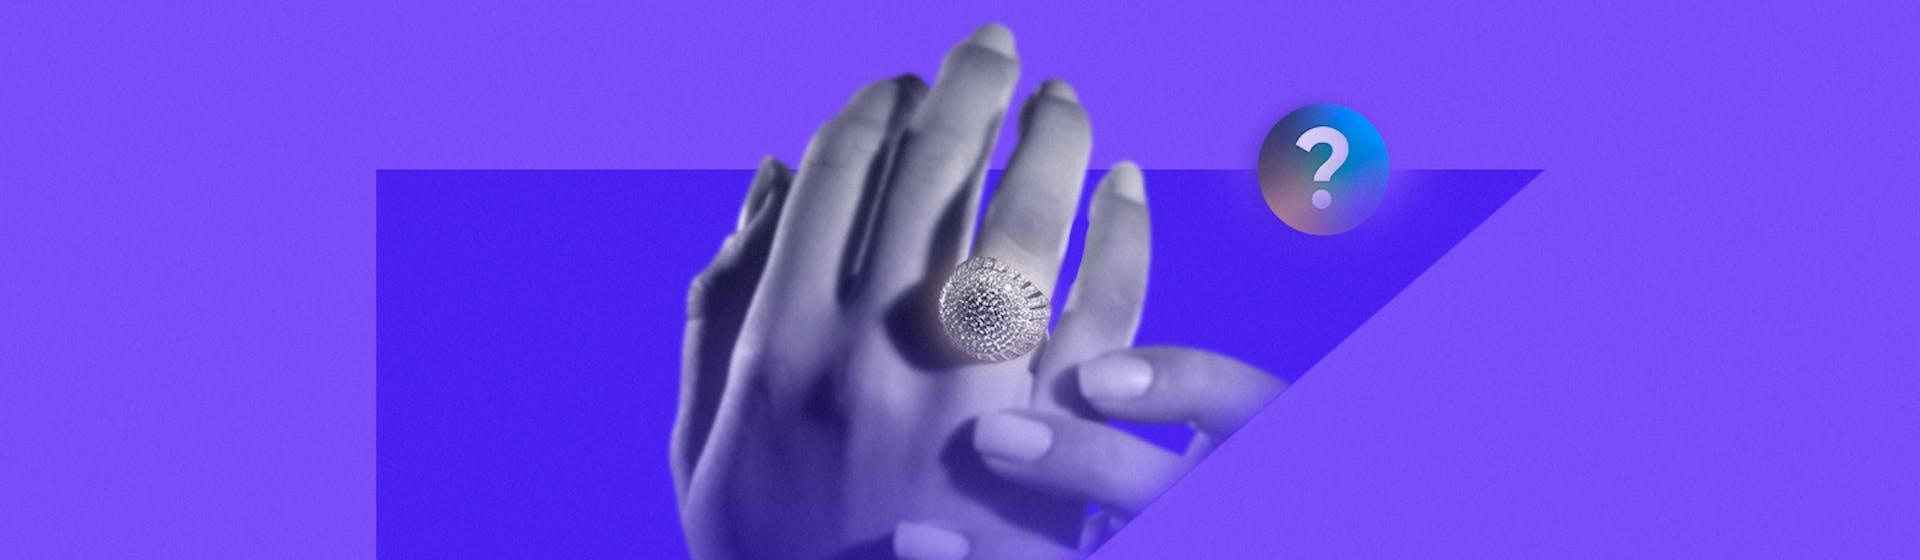 ¿Cómo limpiar joyería de plata? 4 pasos caseros para lucir joyas fancy